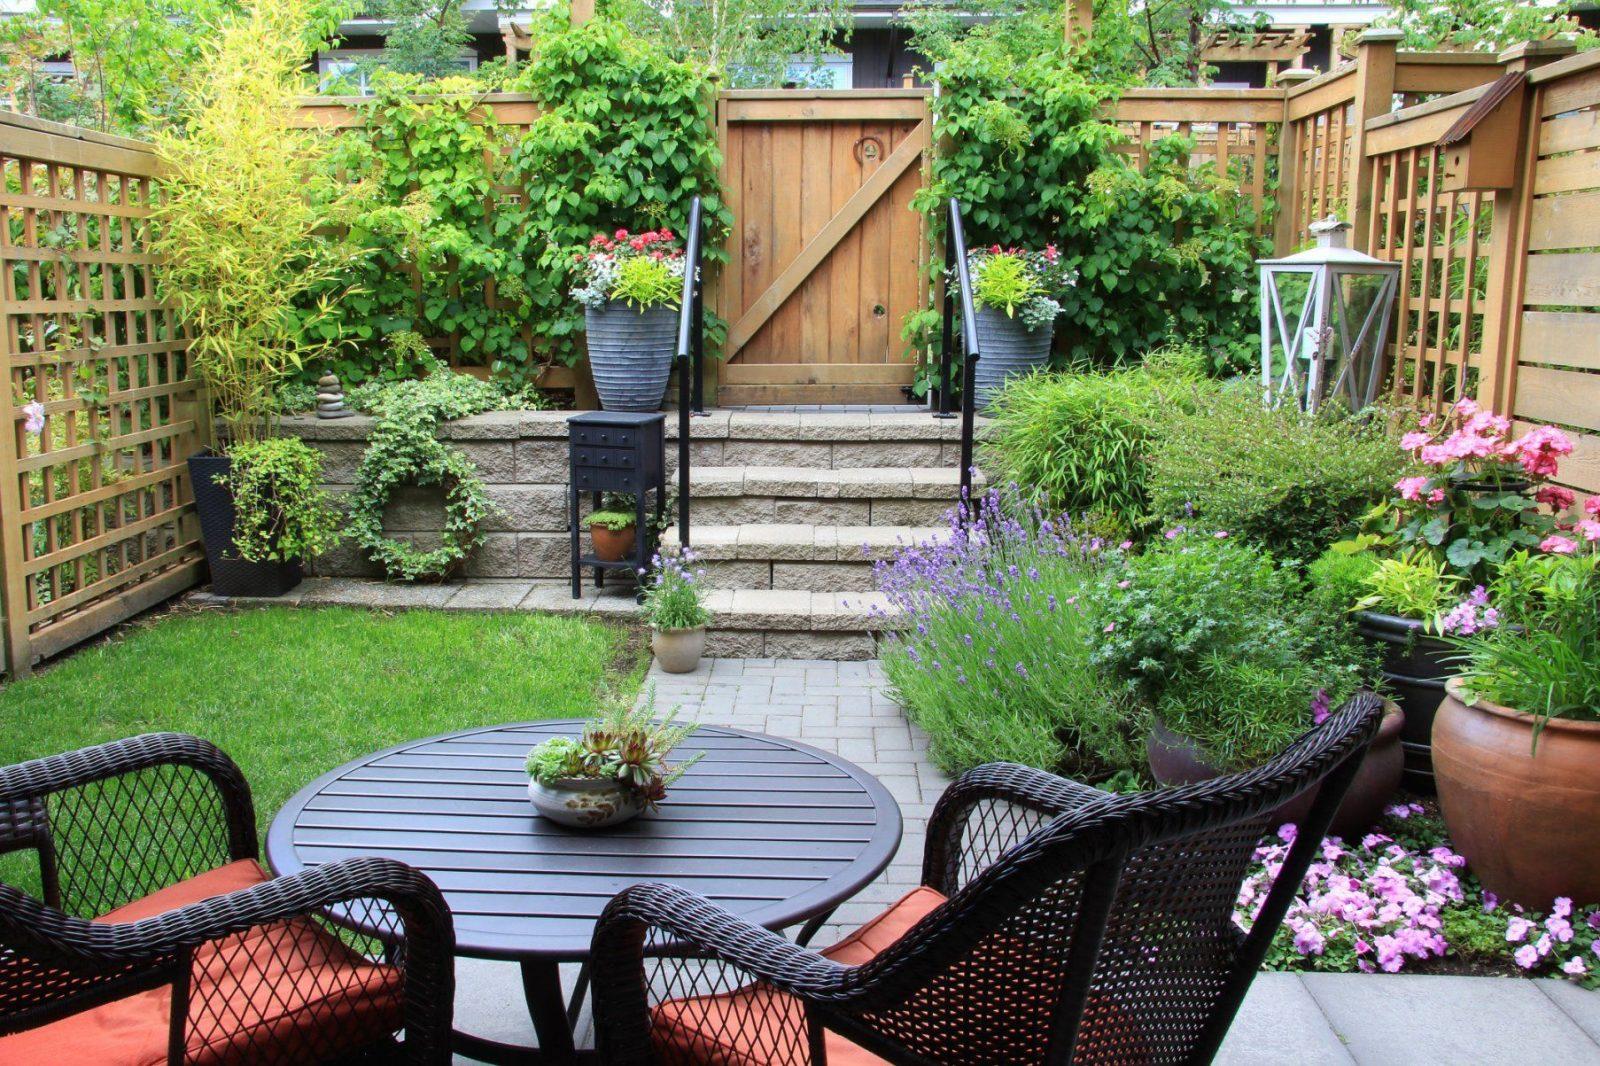 Stilvolle Ideen Für Kleine Reihenhausgärten Gartengestaltung Kleine von Ideen Für Kleine Reihenhausgärten Photo